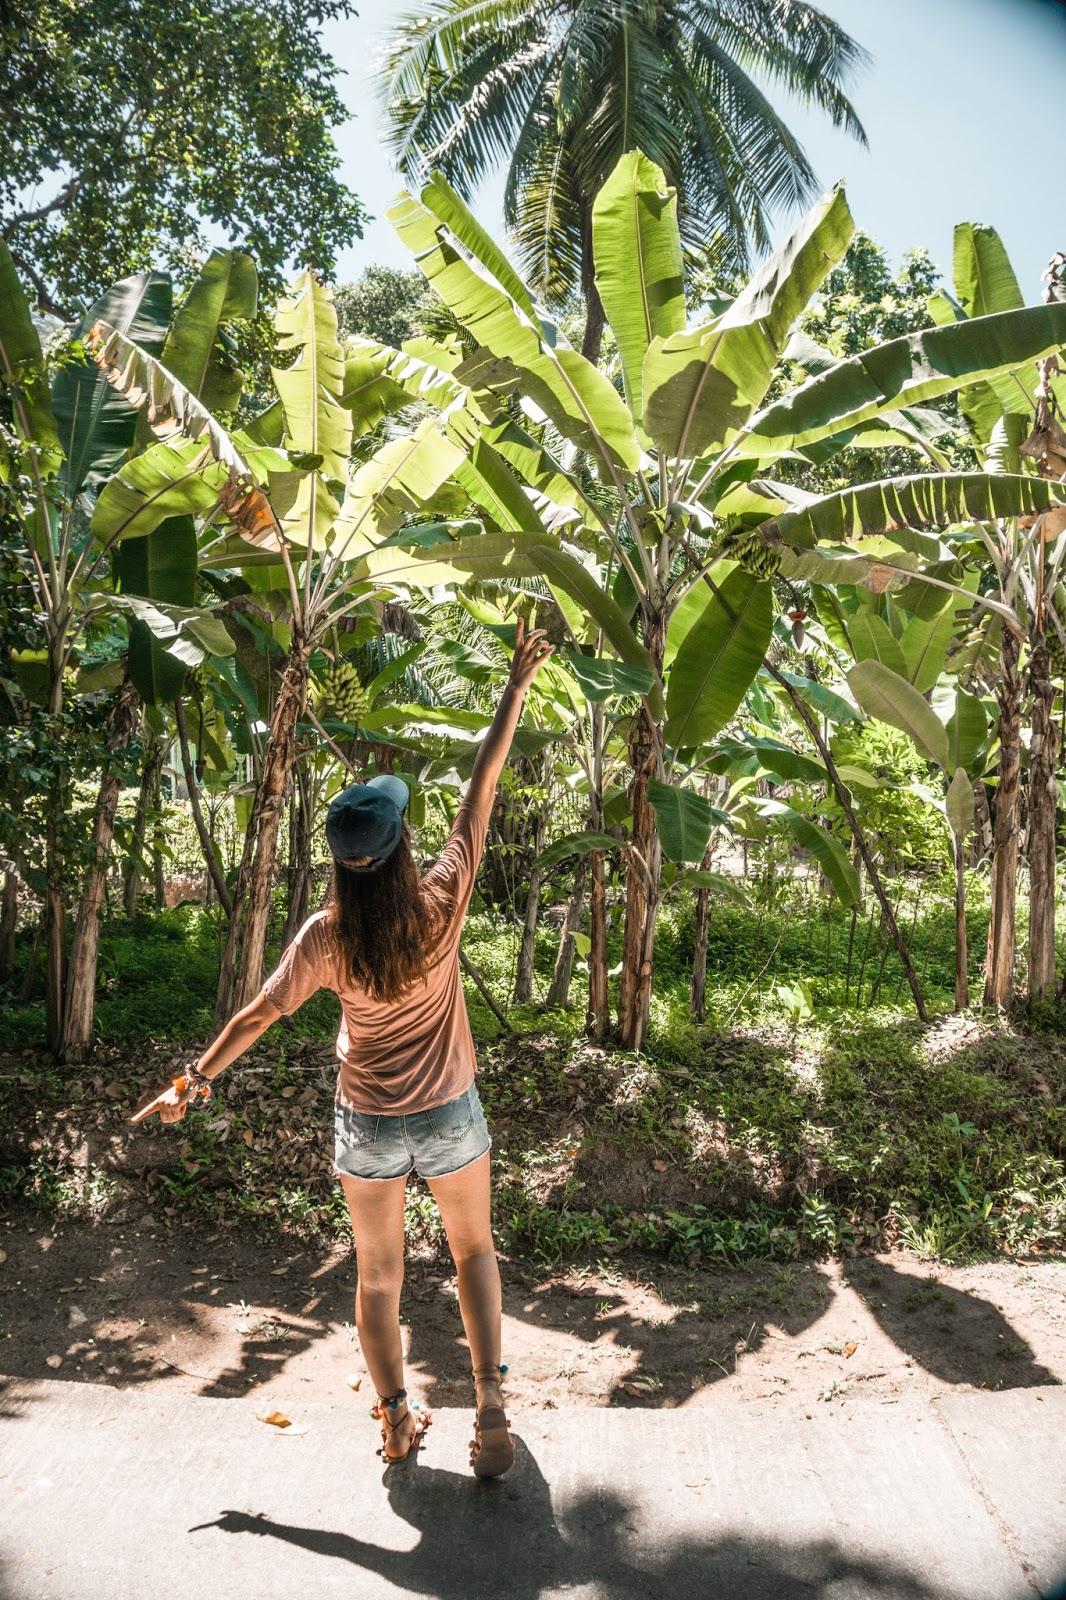 Seszele natura, Seszele banany, drzewo bananowe, plantacja bananów, drzewo bananowe na Seszelach, owoce na Seszelach